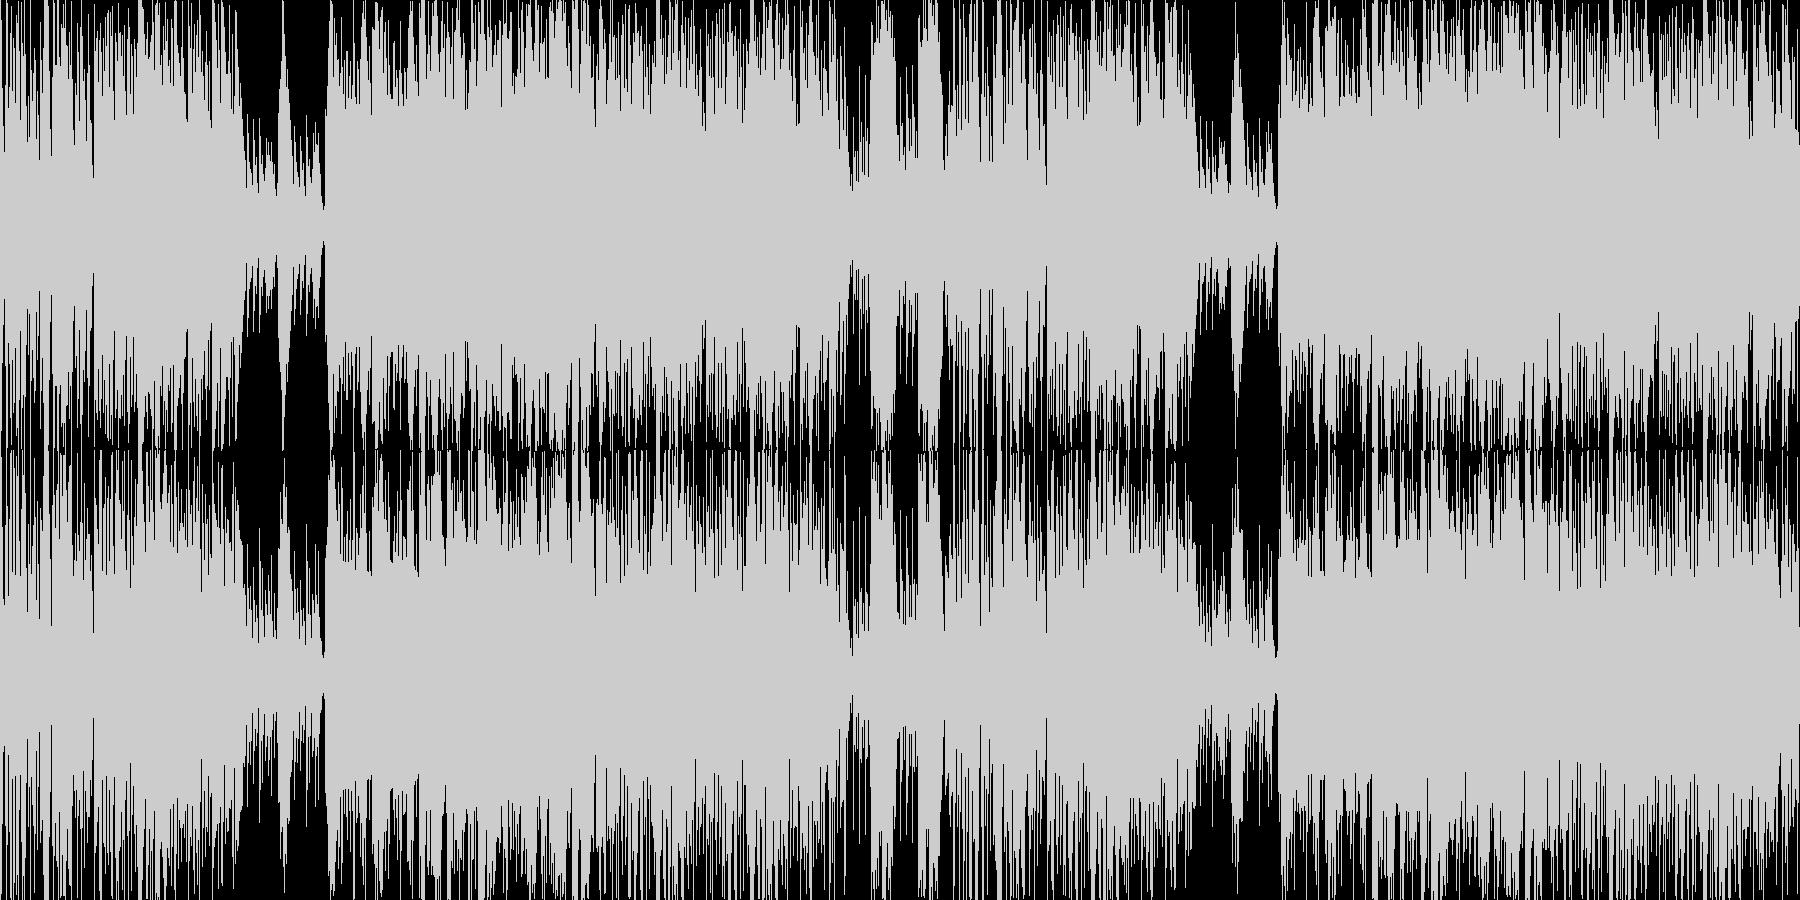 琴和太鼓ポップで和風楽曲ループ企業VPの未再生の波形